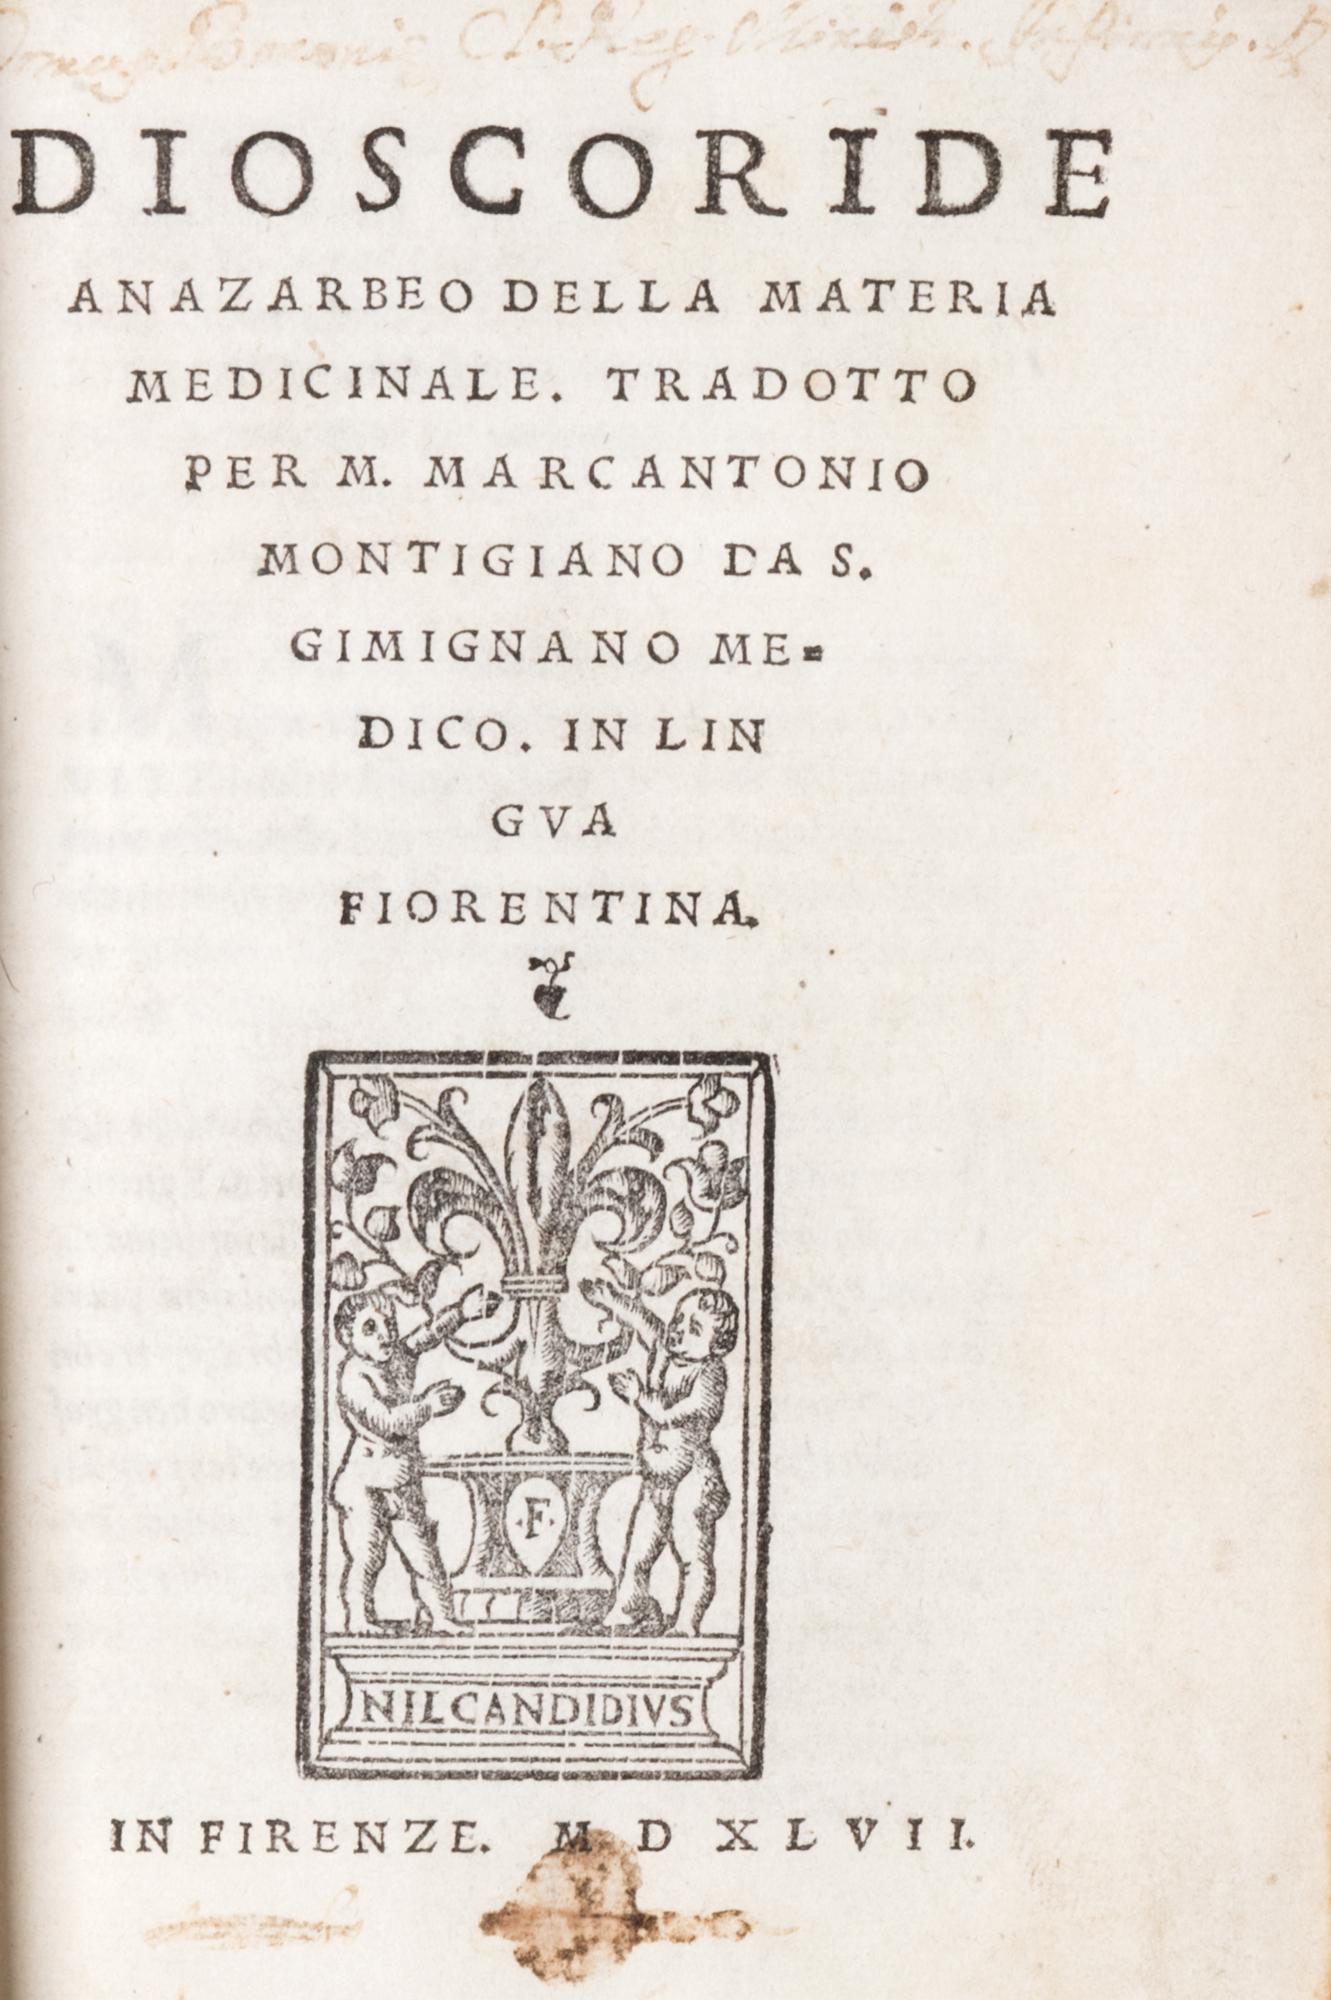 Dioscoride Anazarbeo Della materia medicinale. Tradotto per m. Marcantonio Montigiano da S. Gimignano medico. In lingua fiorentina